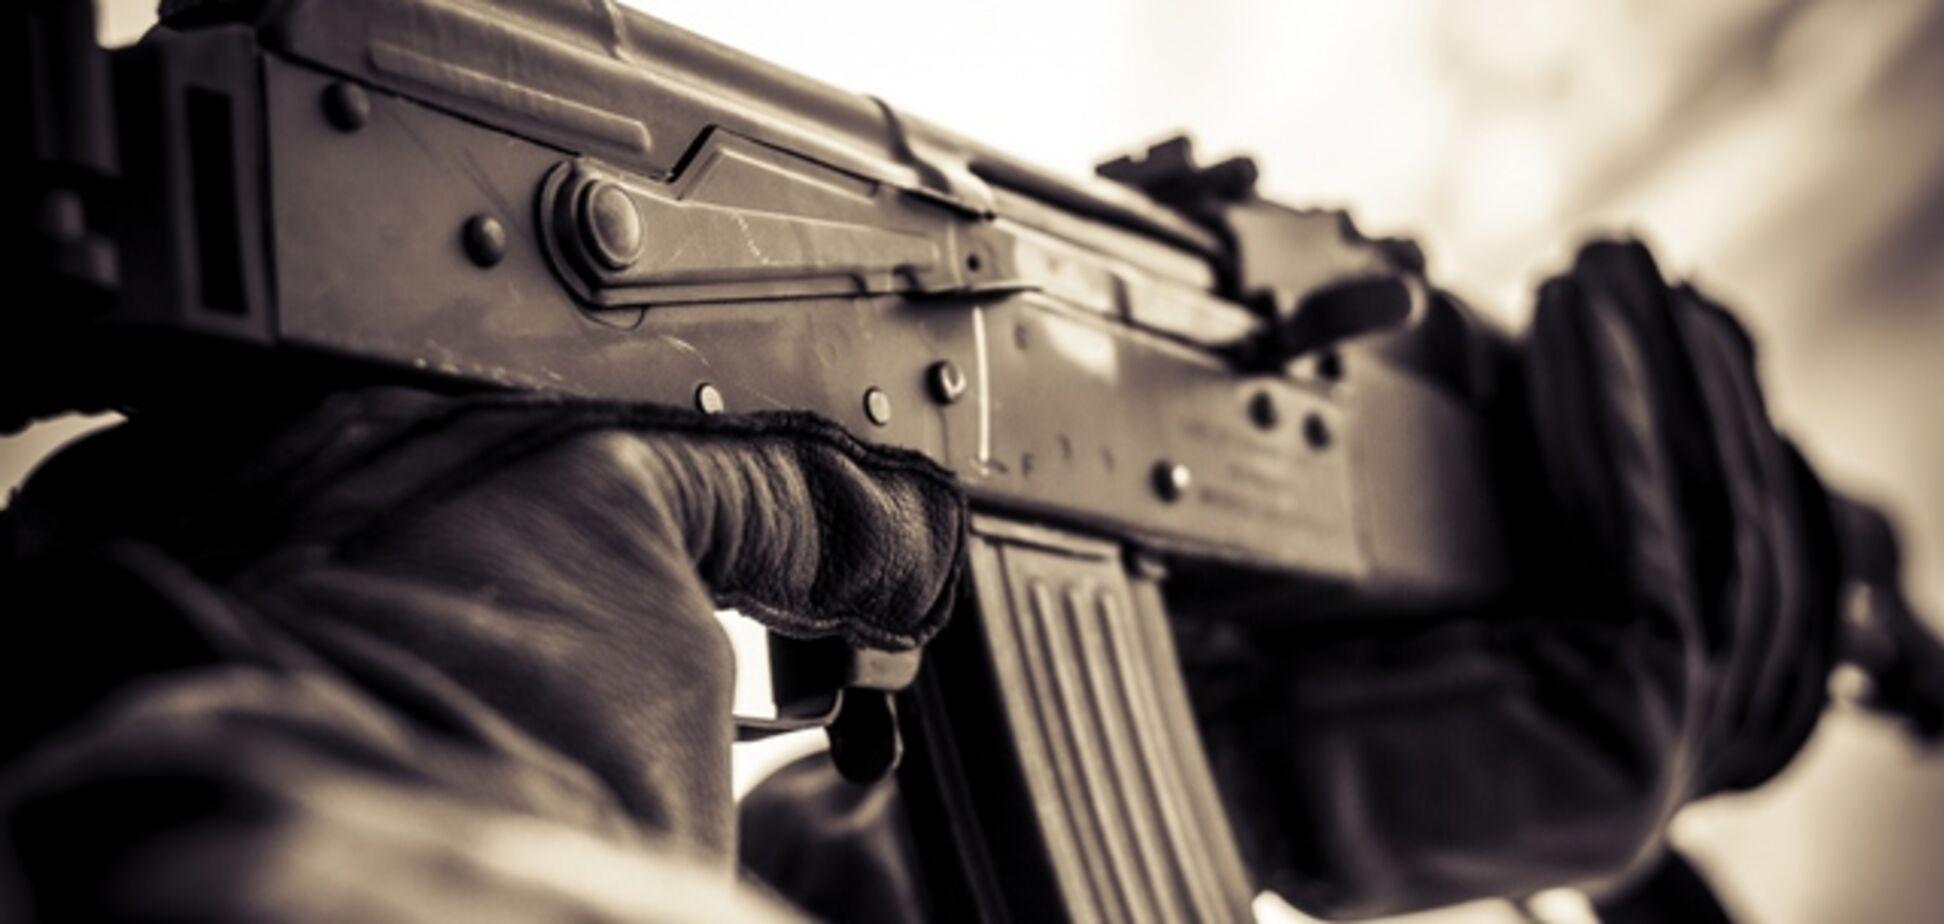 'Три выстрела в грудь': вспыли шокирующие детали 'самоубийства' курсанта в Харькове